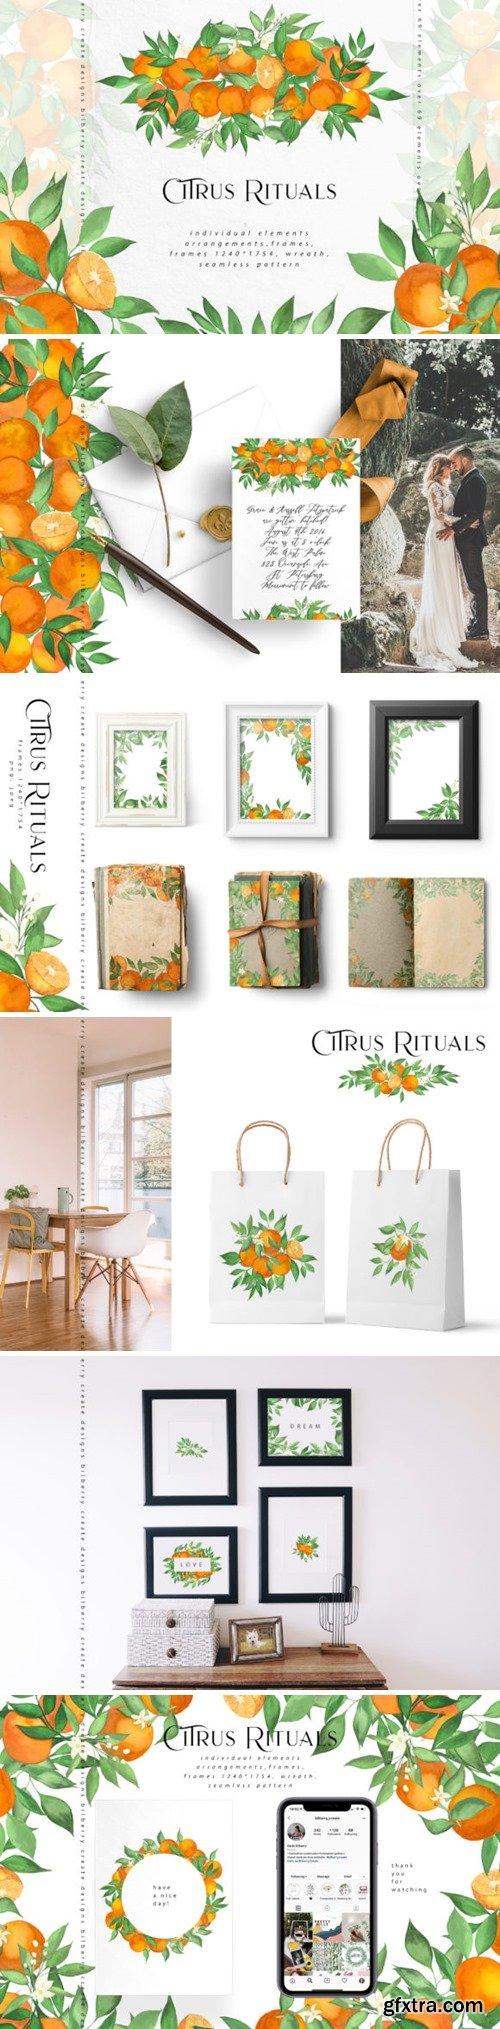 Citrus Rituals 3680949